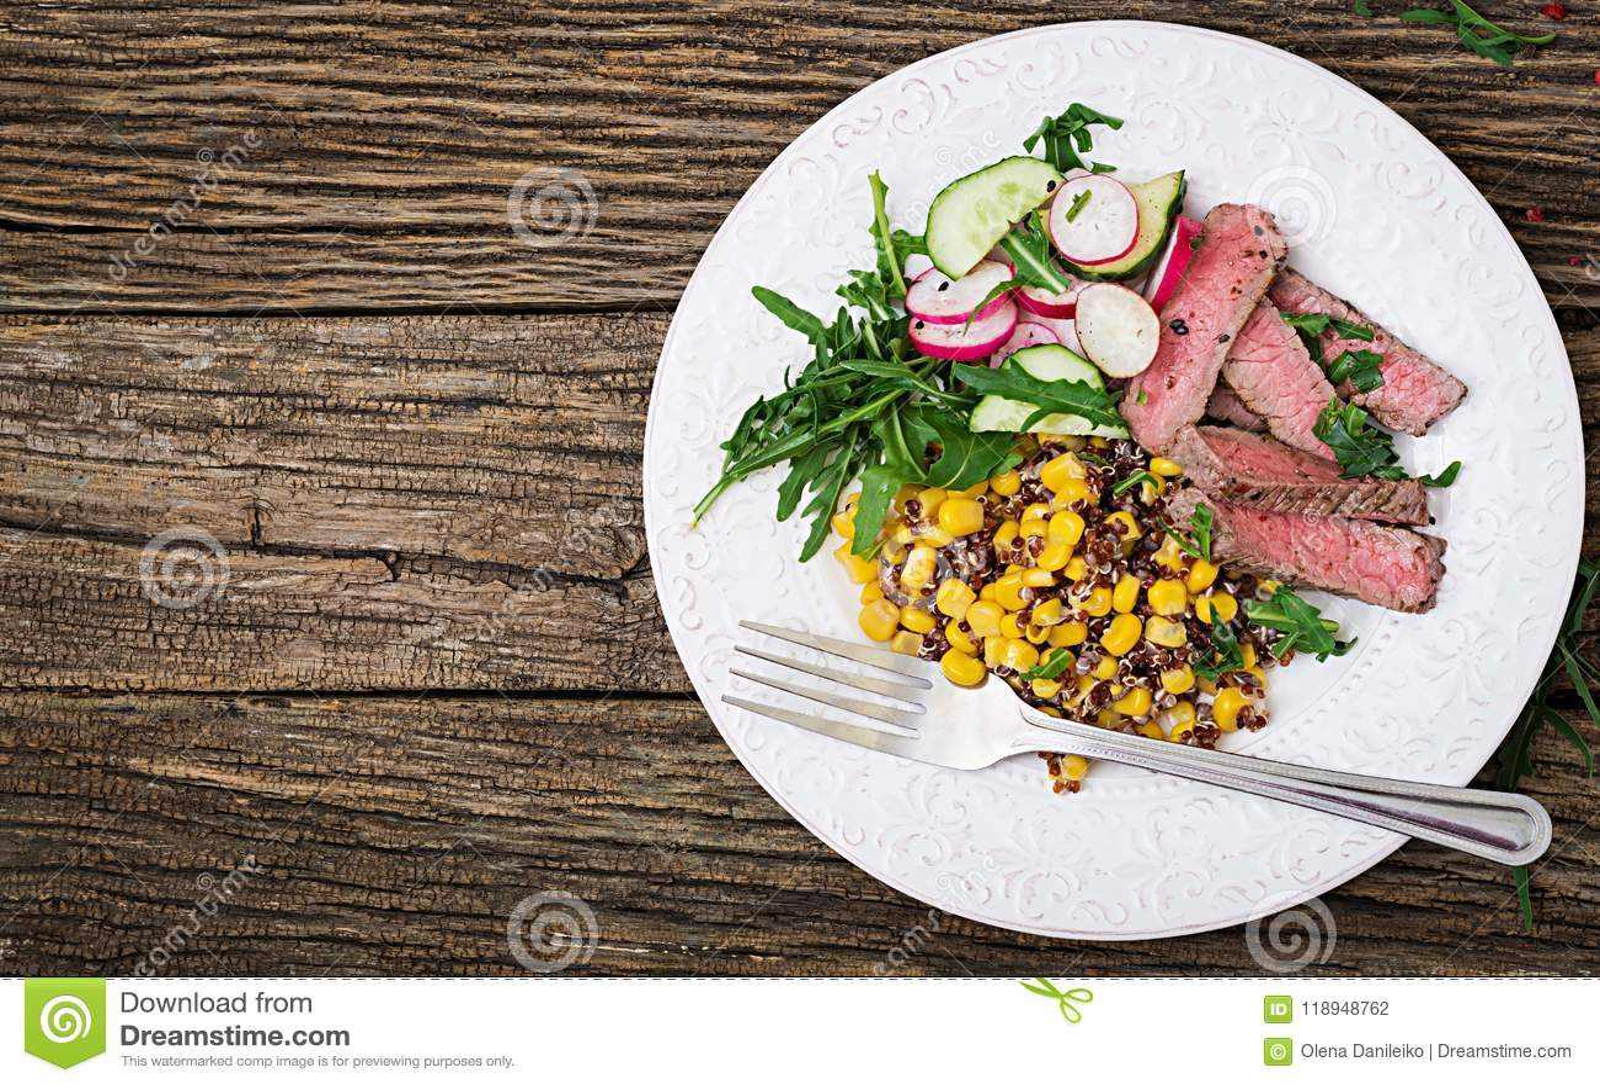 Μεσημεριανό γεύμα κύπελλων με την ψημένο στη σχάρα μπριζόλα και quinoa βόειου κρέατος, το καλαμπόκι, το αγγούρι, το ραδίκι και το